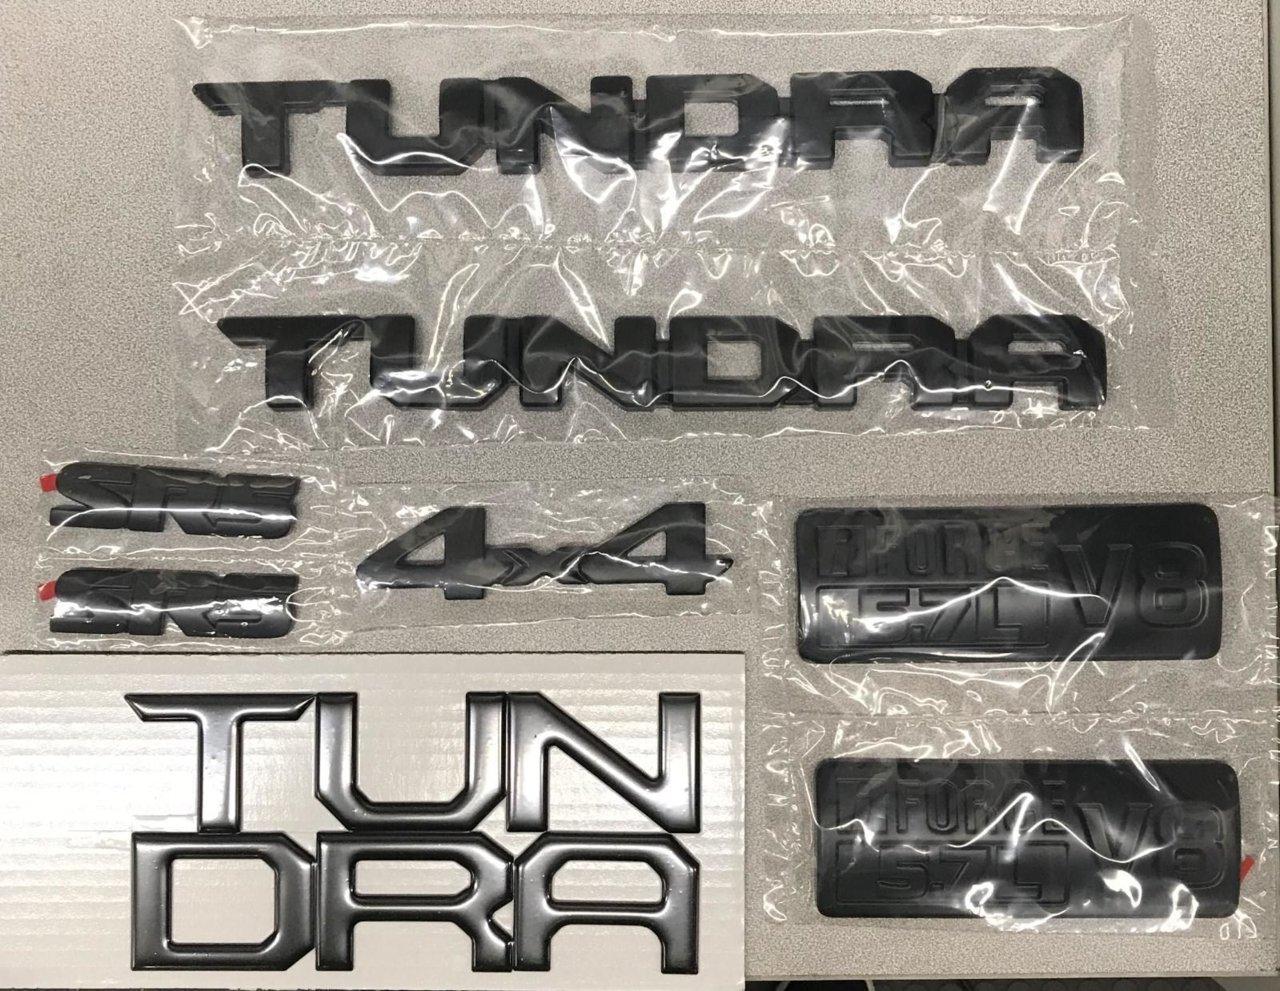 TUNDRA KIT.jpg